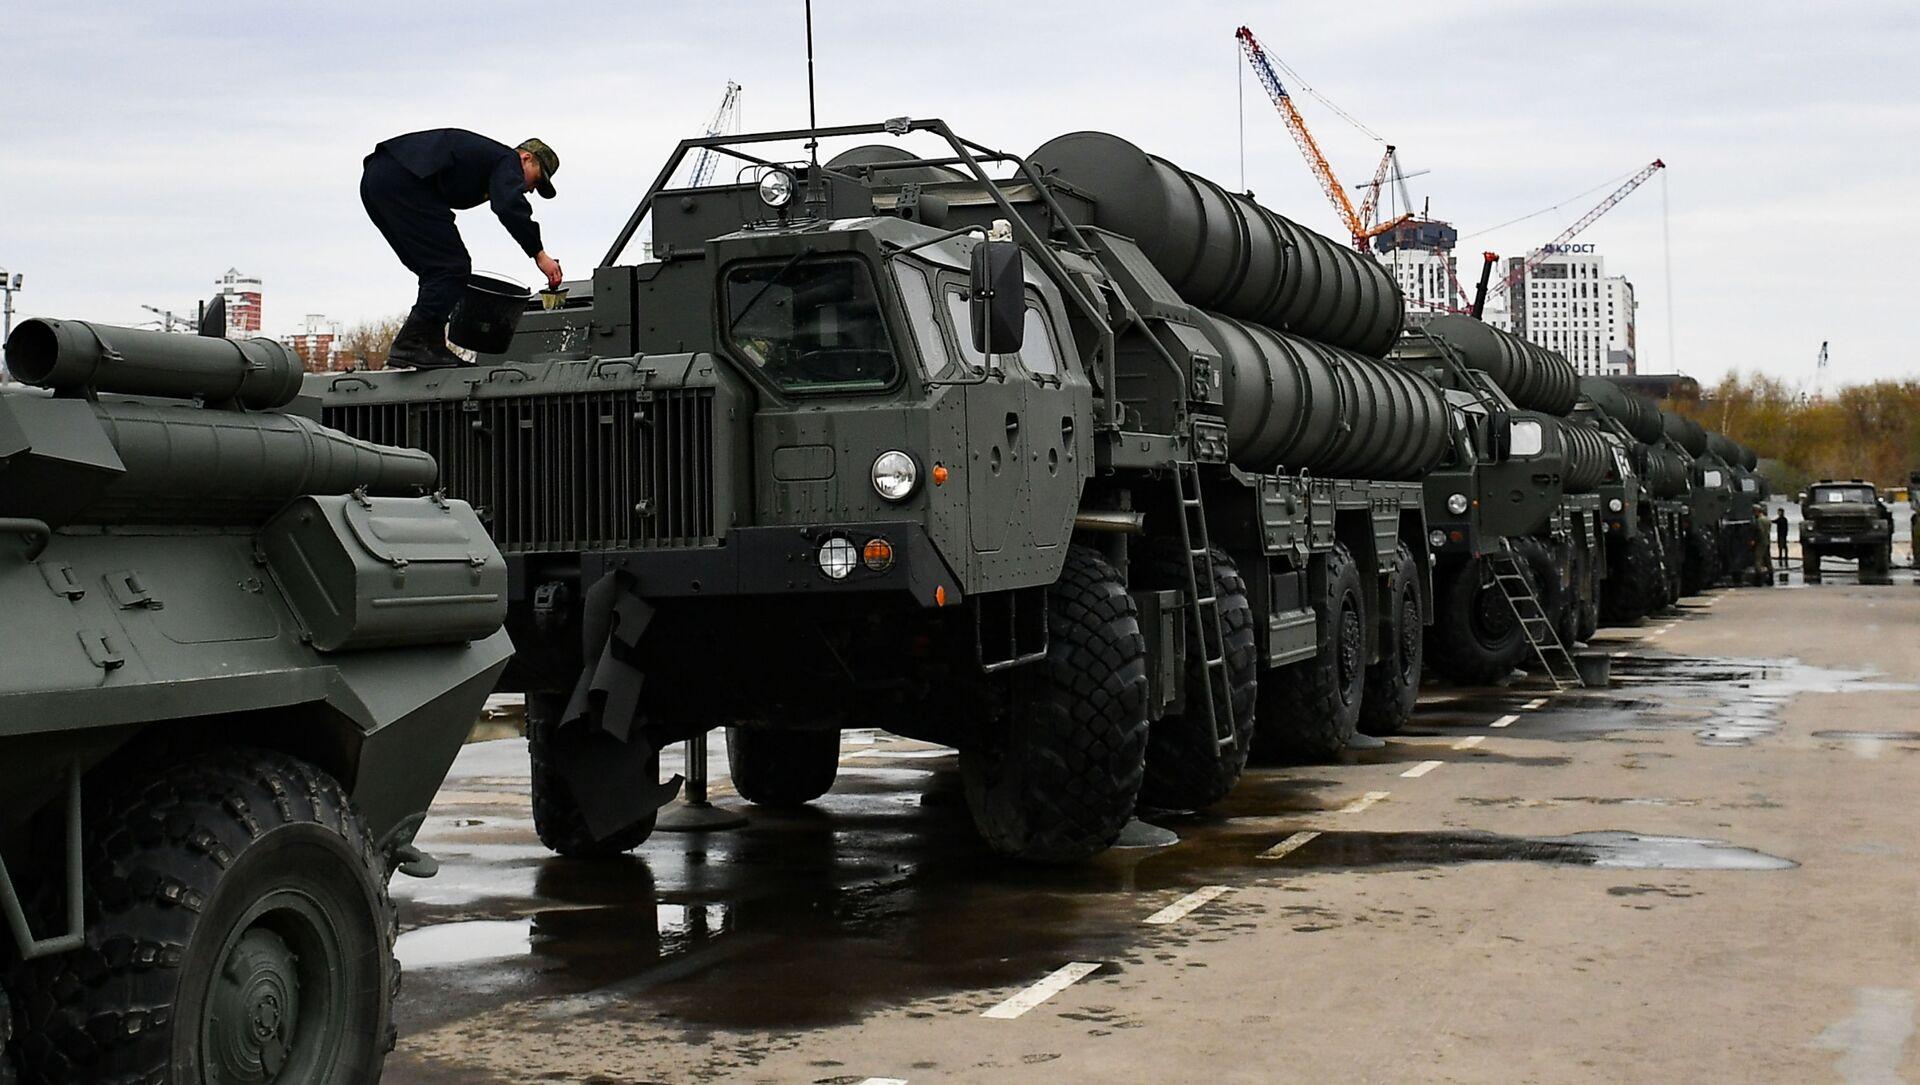 Транспортно-пусковые установки зенитного ракетного комплекса С-400 Триумф - Sputnik Армения, 1920, 19.03.2021